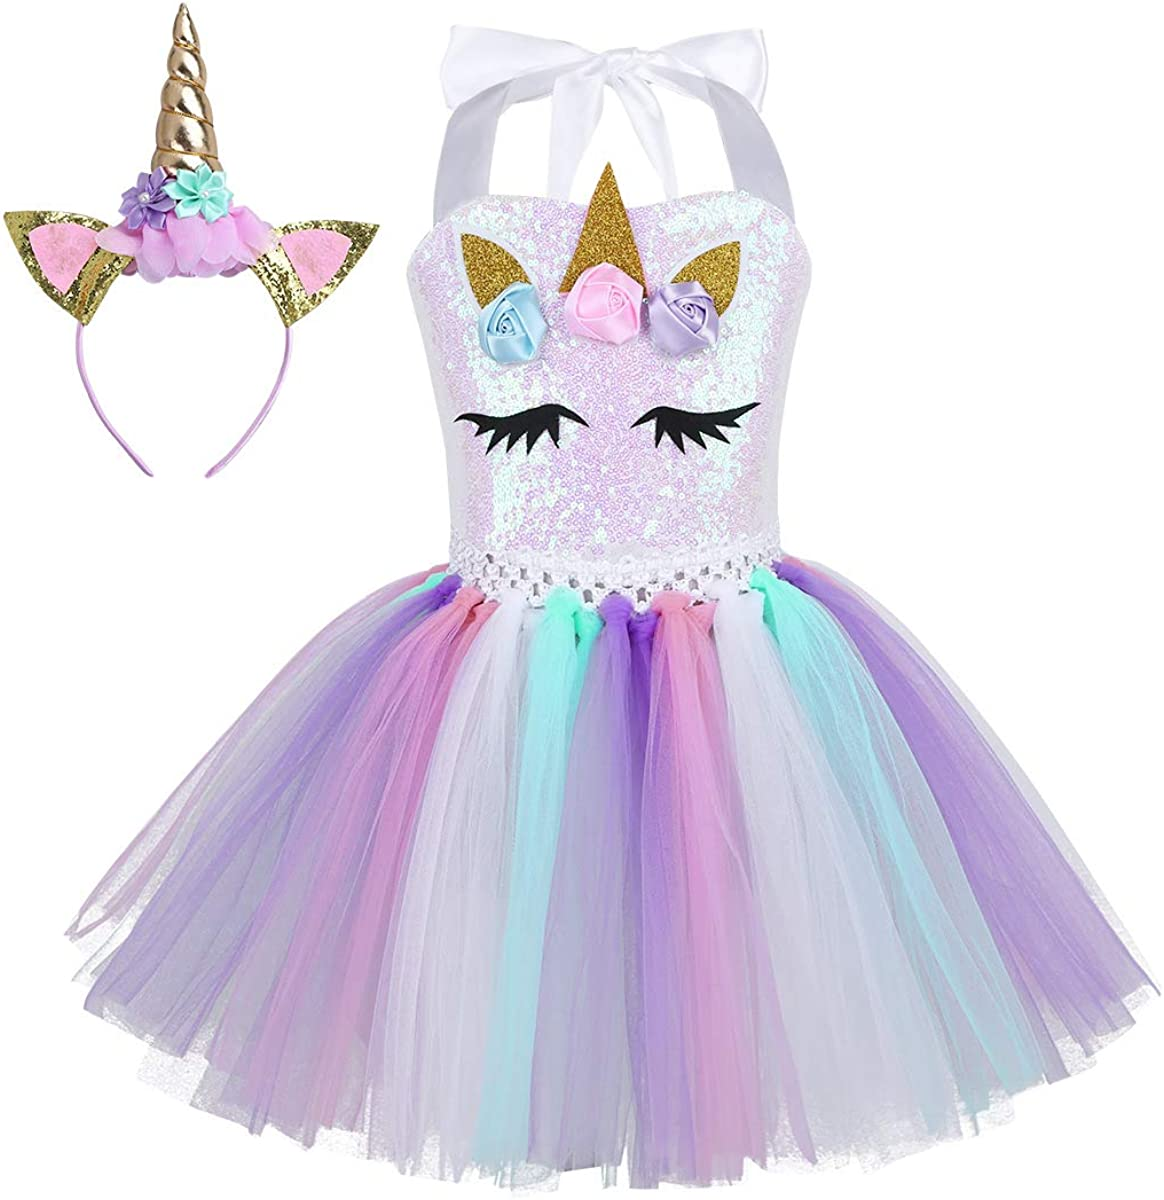 YiZYiF Vestido Tutú Disfraz Unicornio Niñas Vestido Fiesta Cumpleaños con Diadema Alas Ángel Arcoiris Traje Princesa Actuación Cumpleaños Fotografía 2-10 Años